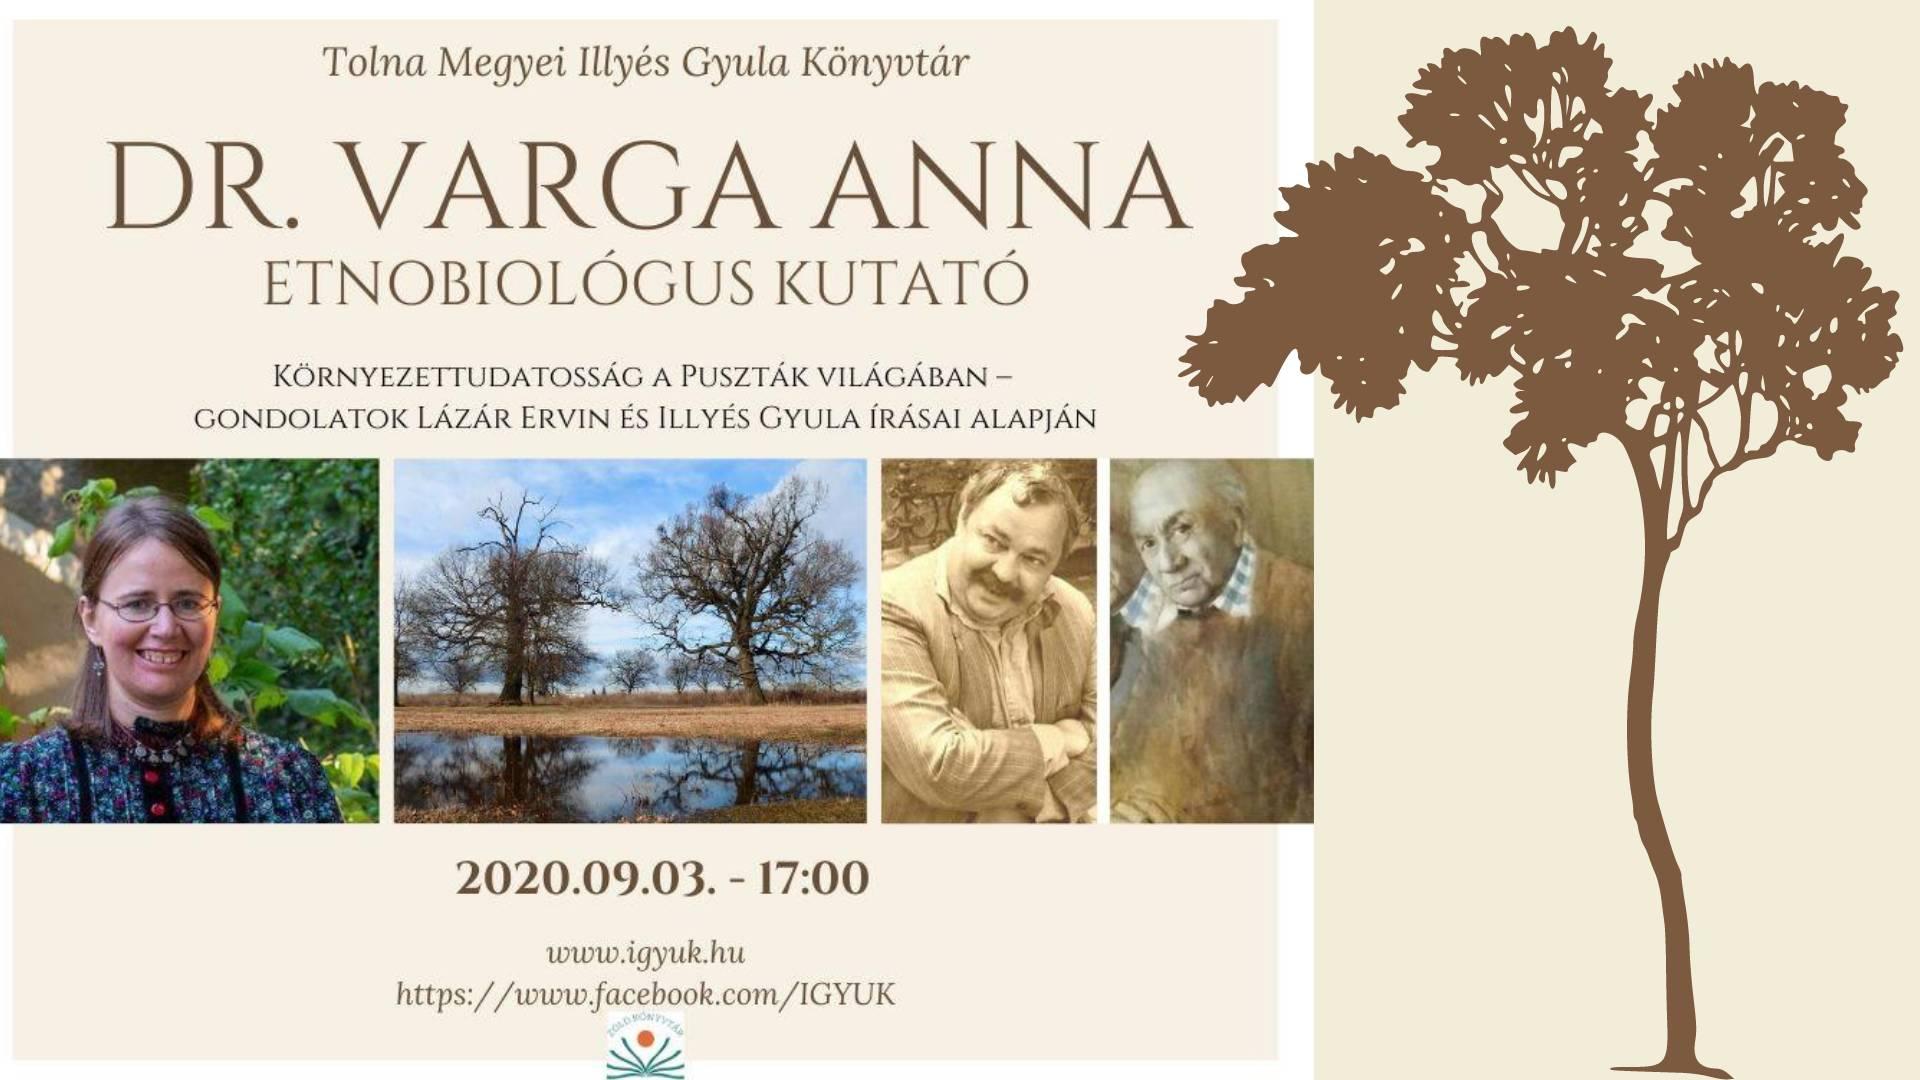 Dr. Varga Anna etnobiológus kutató: Környezettudatosság a Puszták világában-Lázár Ervin és Illyés Gyula írásai alapján